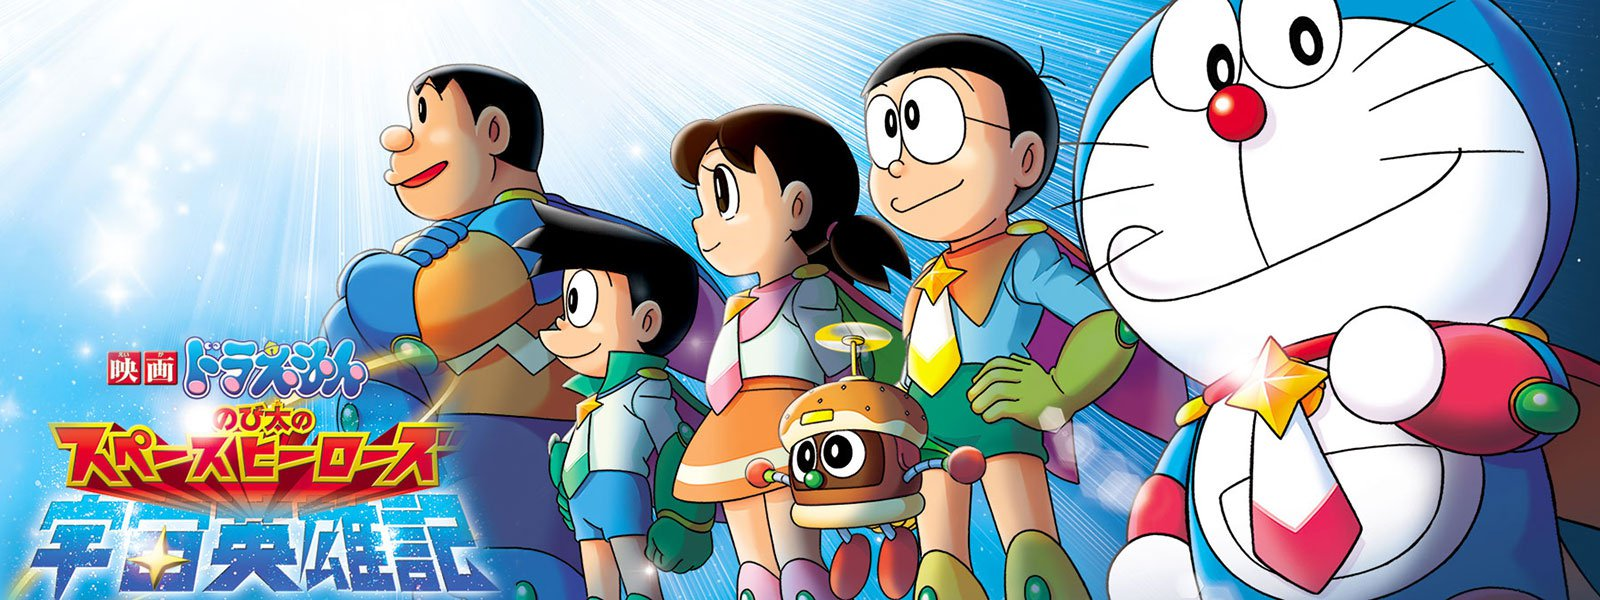 Doraemon Và Những Hiệp Sĩ Không Gian - Doraemon: Nobita's Space Heroes - 2015